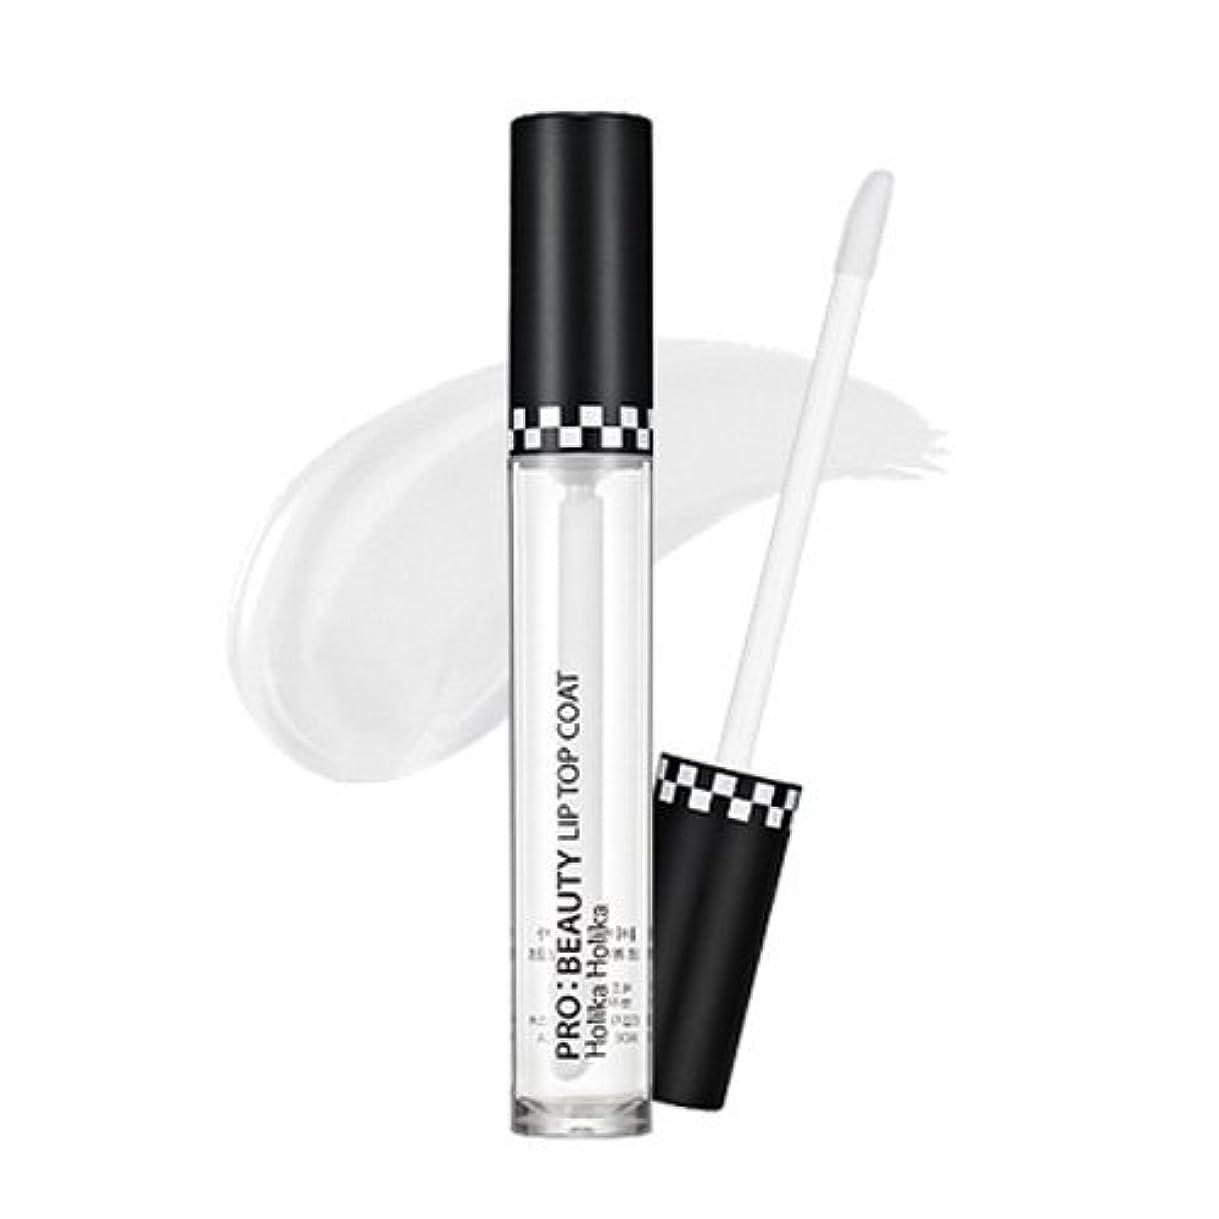 突破口首謀者スマッシュHolika Holika Pro Beauty Lip Top Coat ホリカホリカ プロ ビューティー リップ トップコート [並行輸入品]